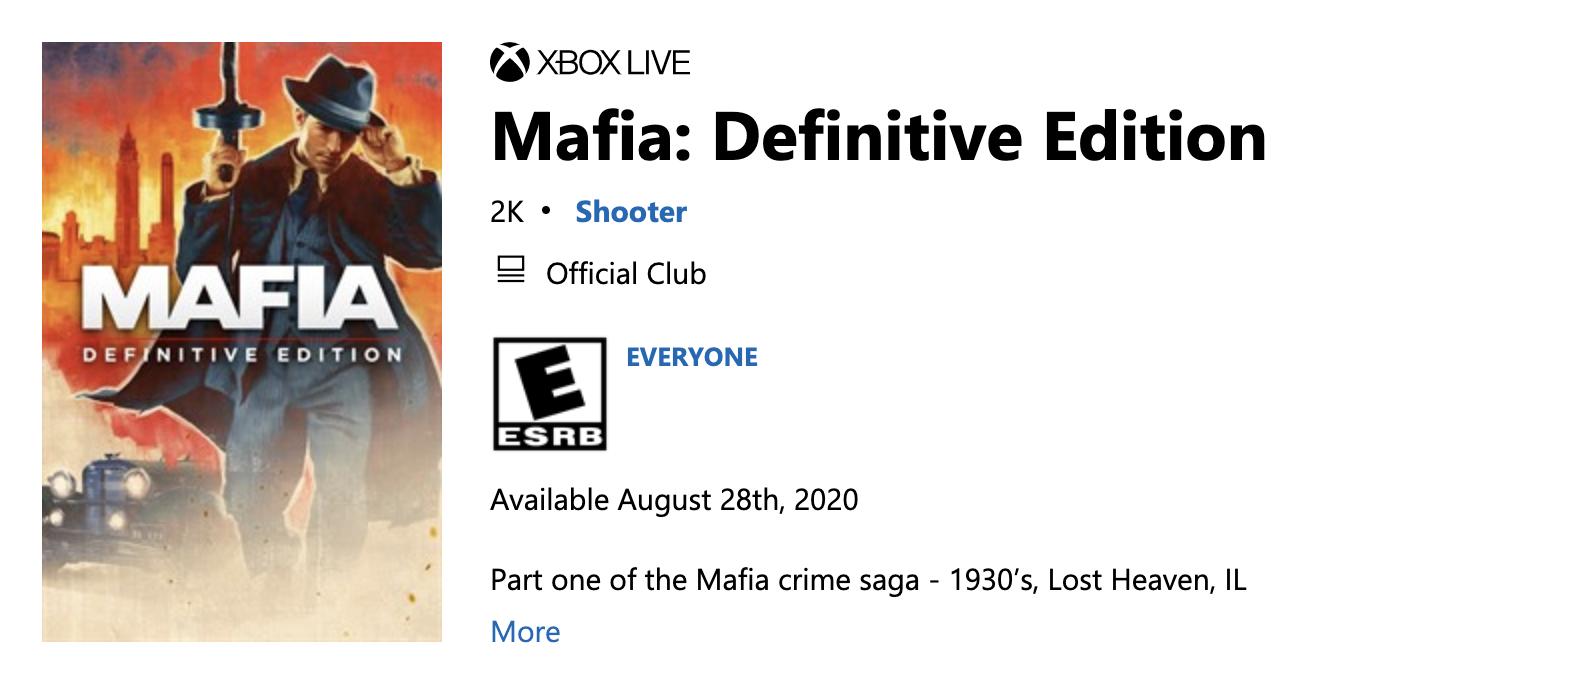 Microsoft store showing Mafia: Definitive Edition